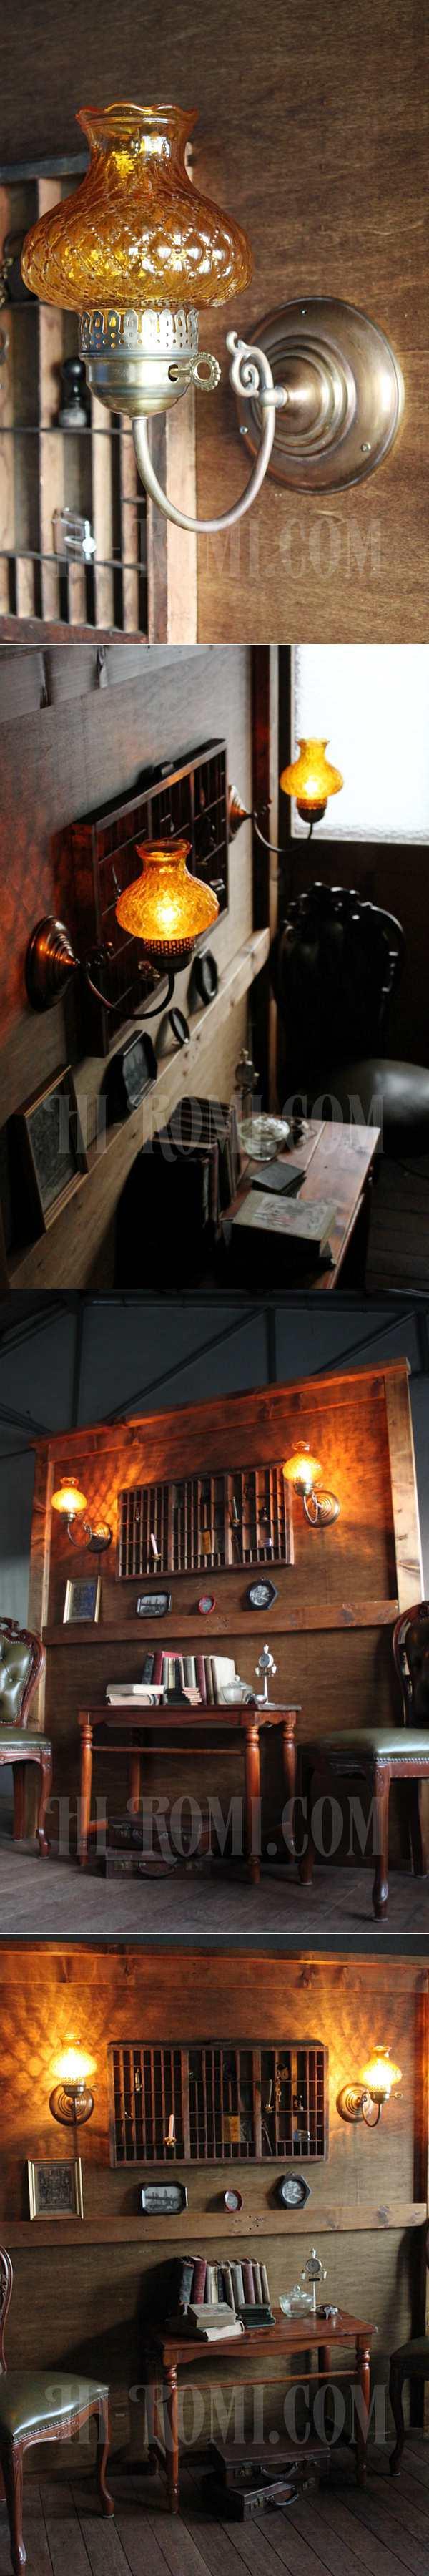 ヴィンテージアーガイルアンバーガラスシェード鍵付きブラケットランプA/アンティークホブネイルコロニアル照明